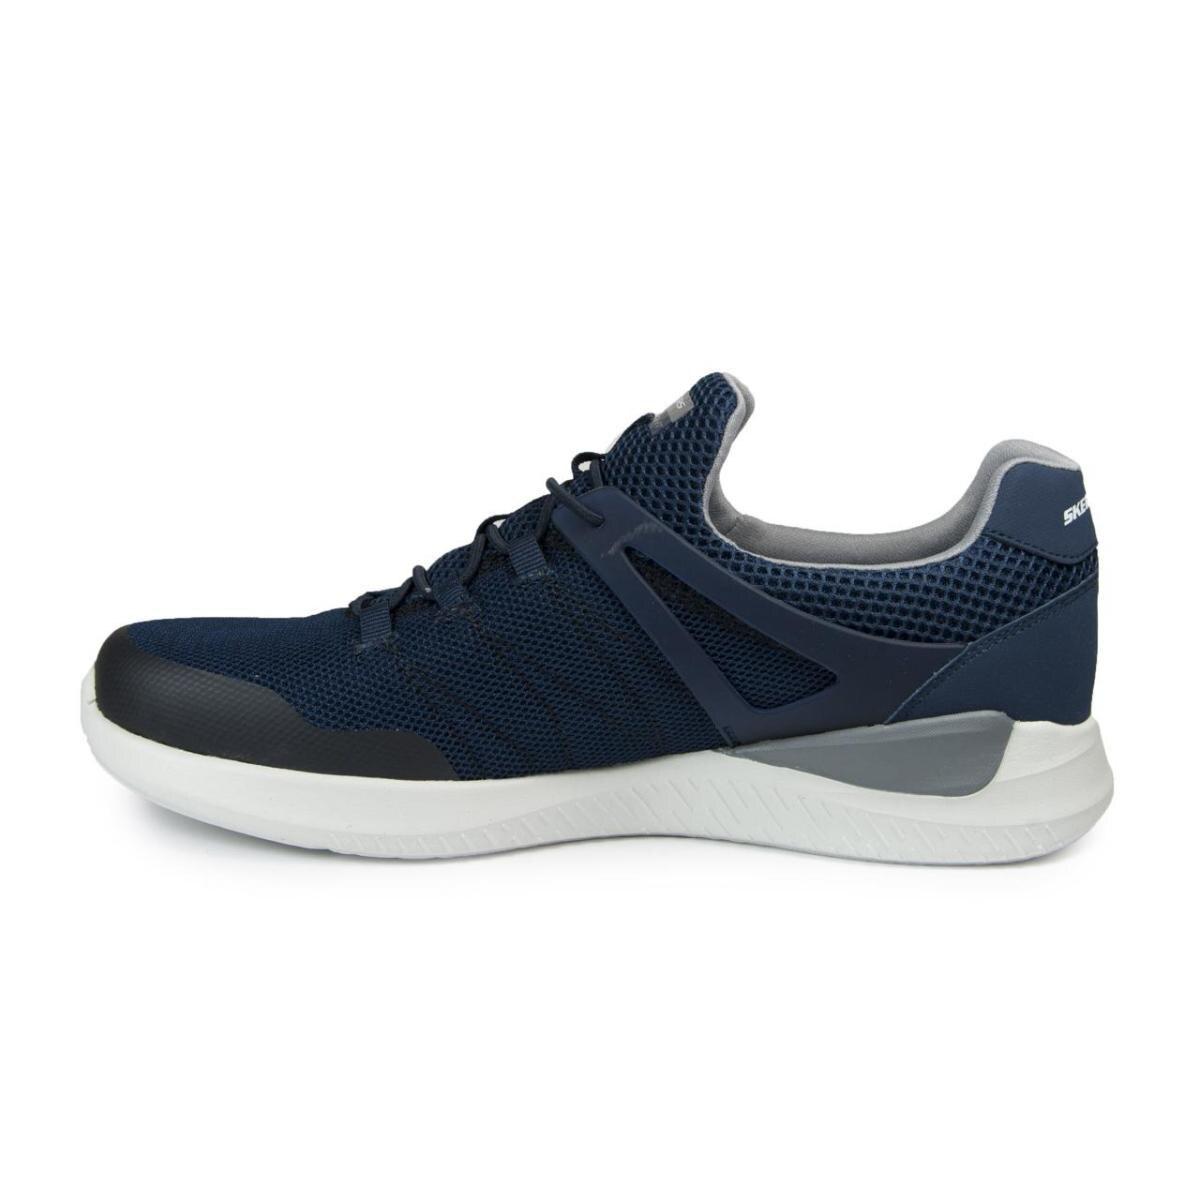 1364db6b850b0 SKECHERS HOMBRE 52664 SKECHERS PIEL ZAPATILLAS DE DEPORTE-in Men s  Vulcanize Shoes from Shoes on Aliexpress.com